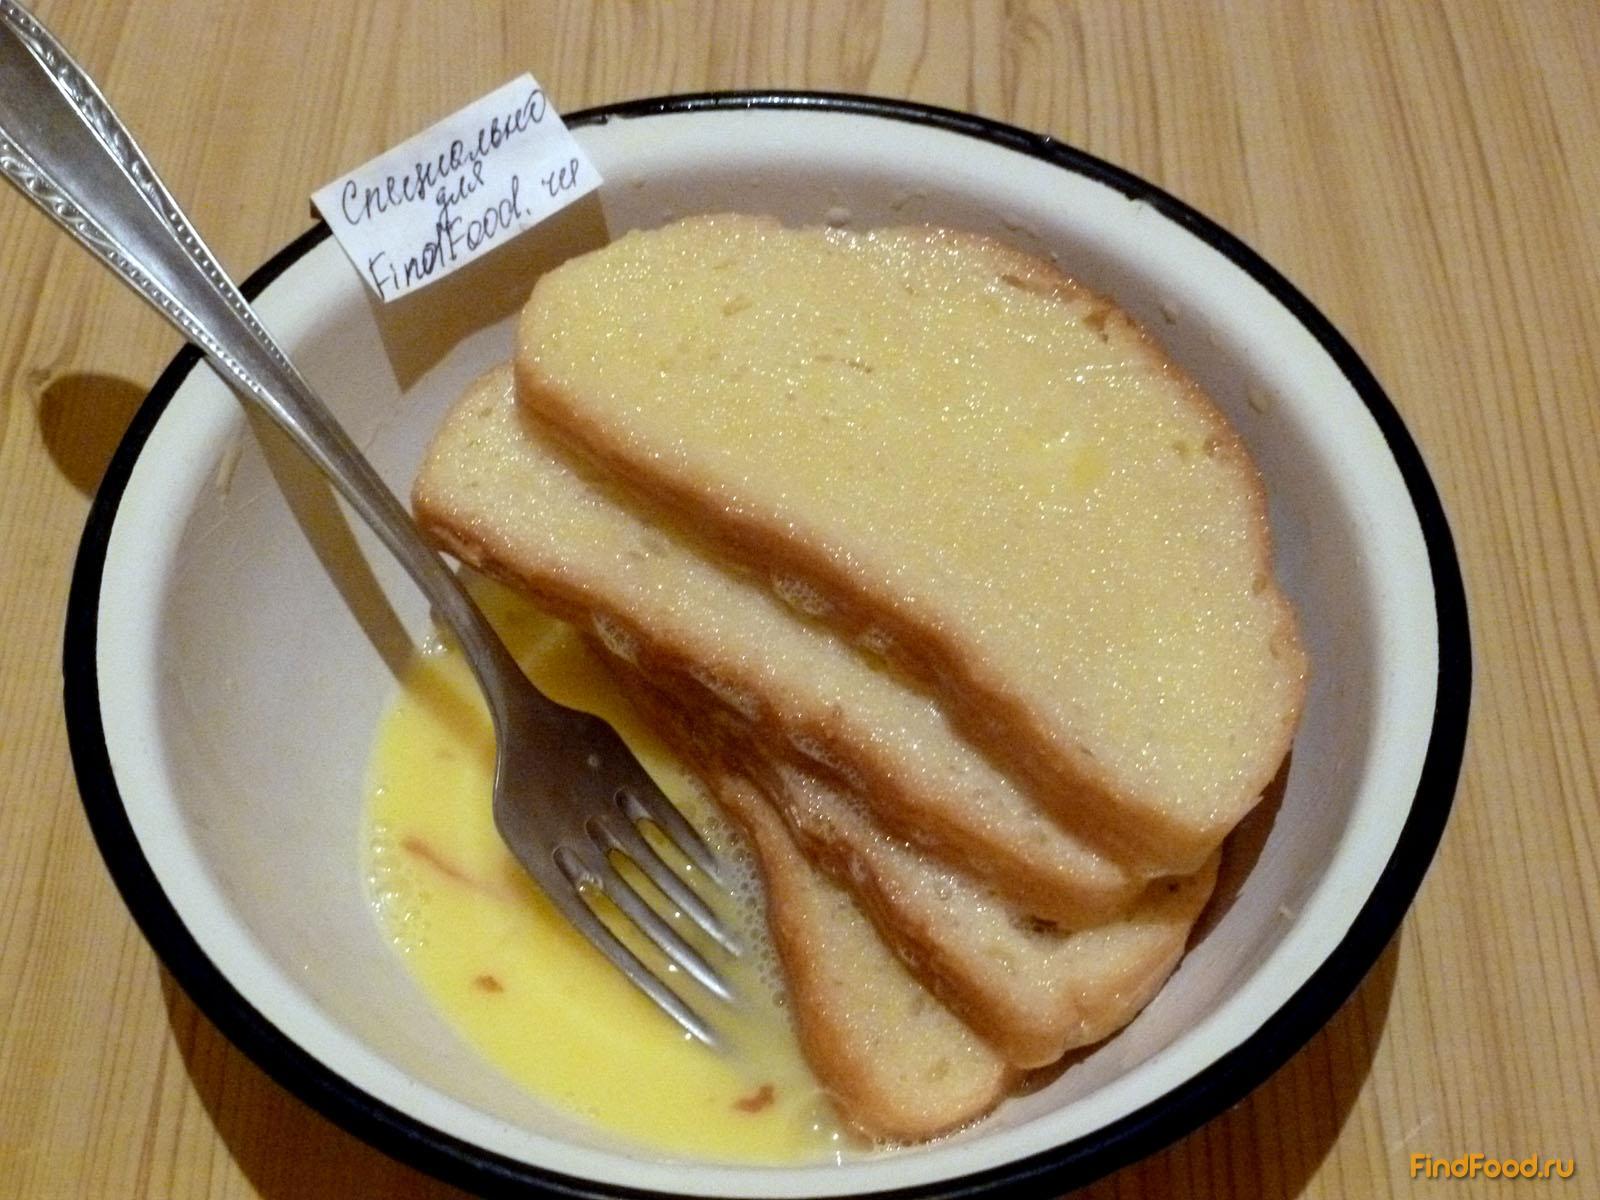 Сладкие гренки с яйцом и молоком рецепт с фото 3-го шага